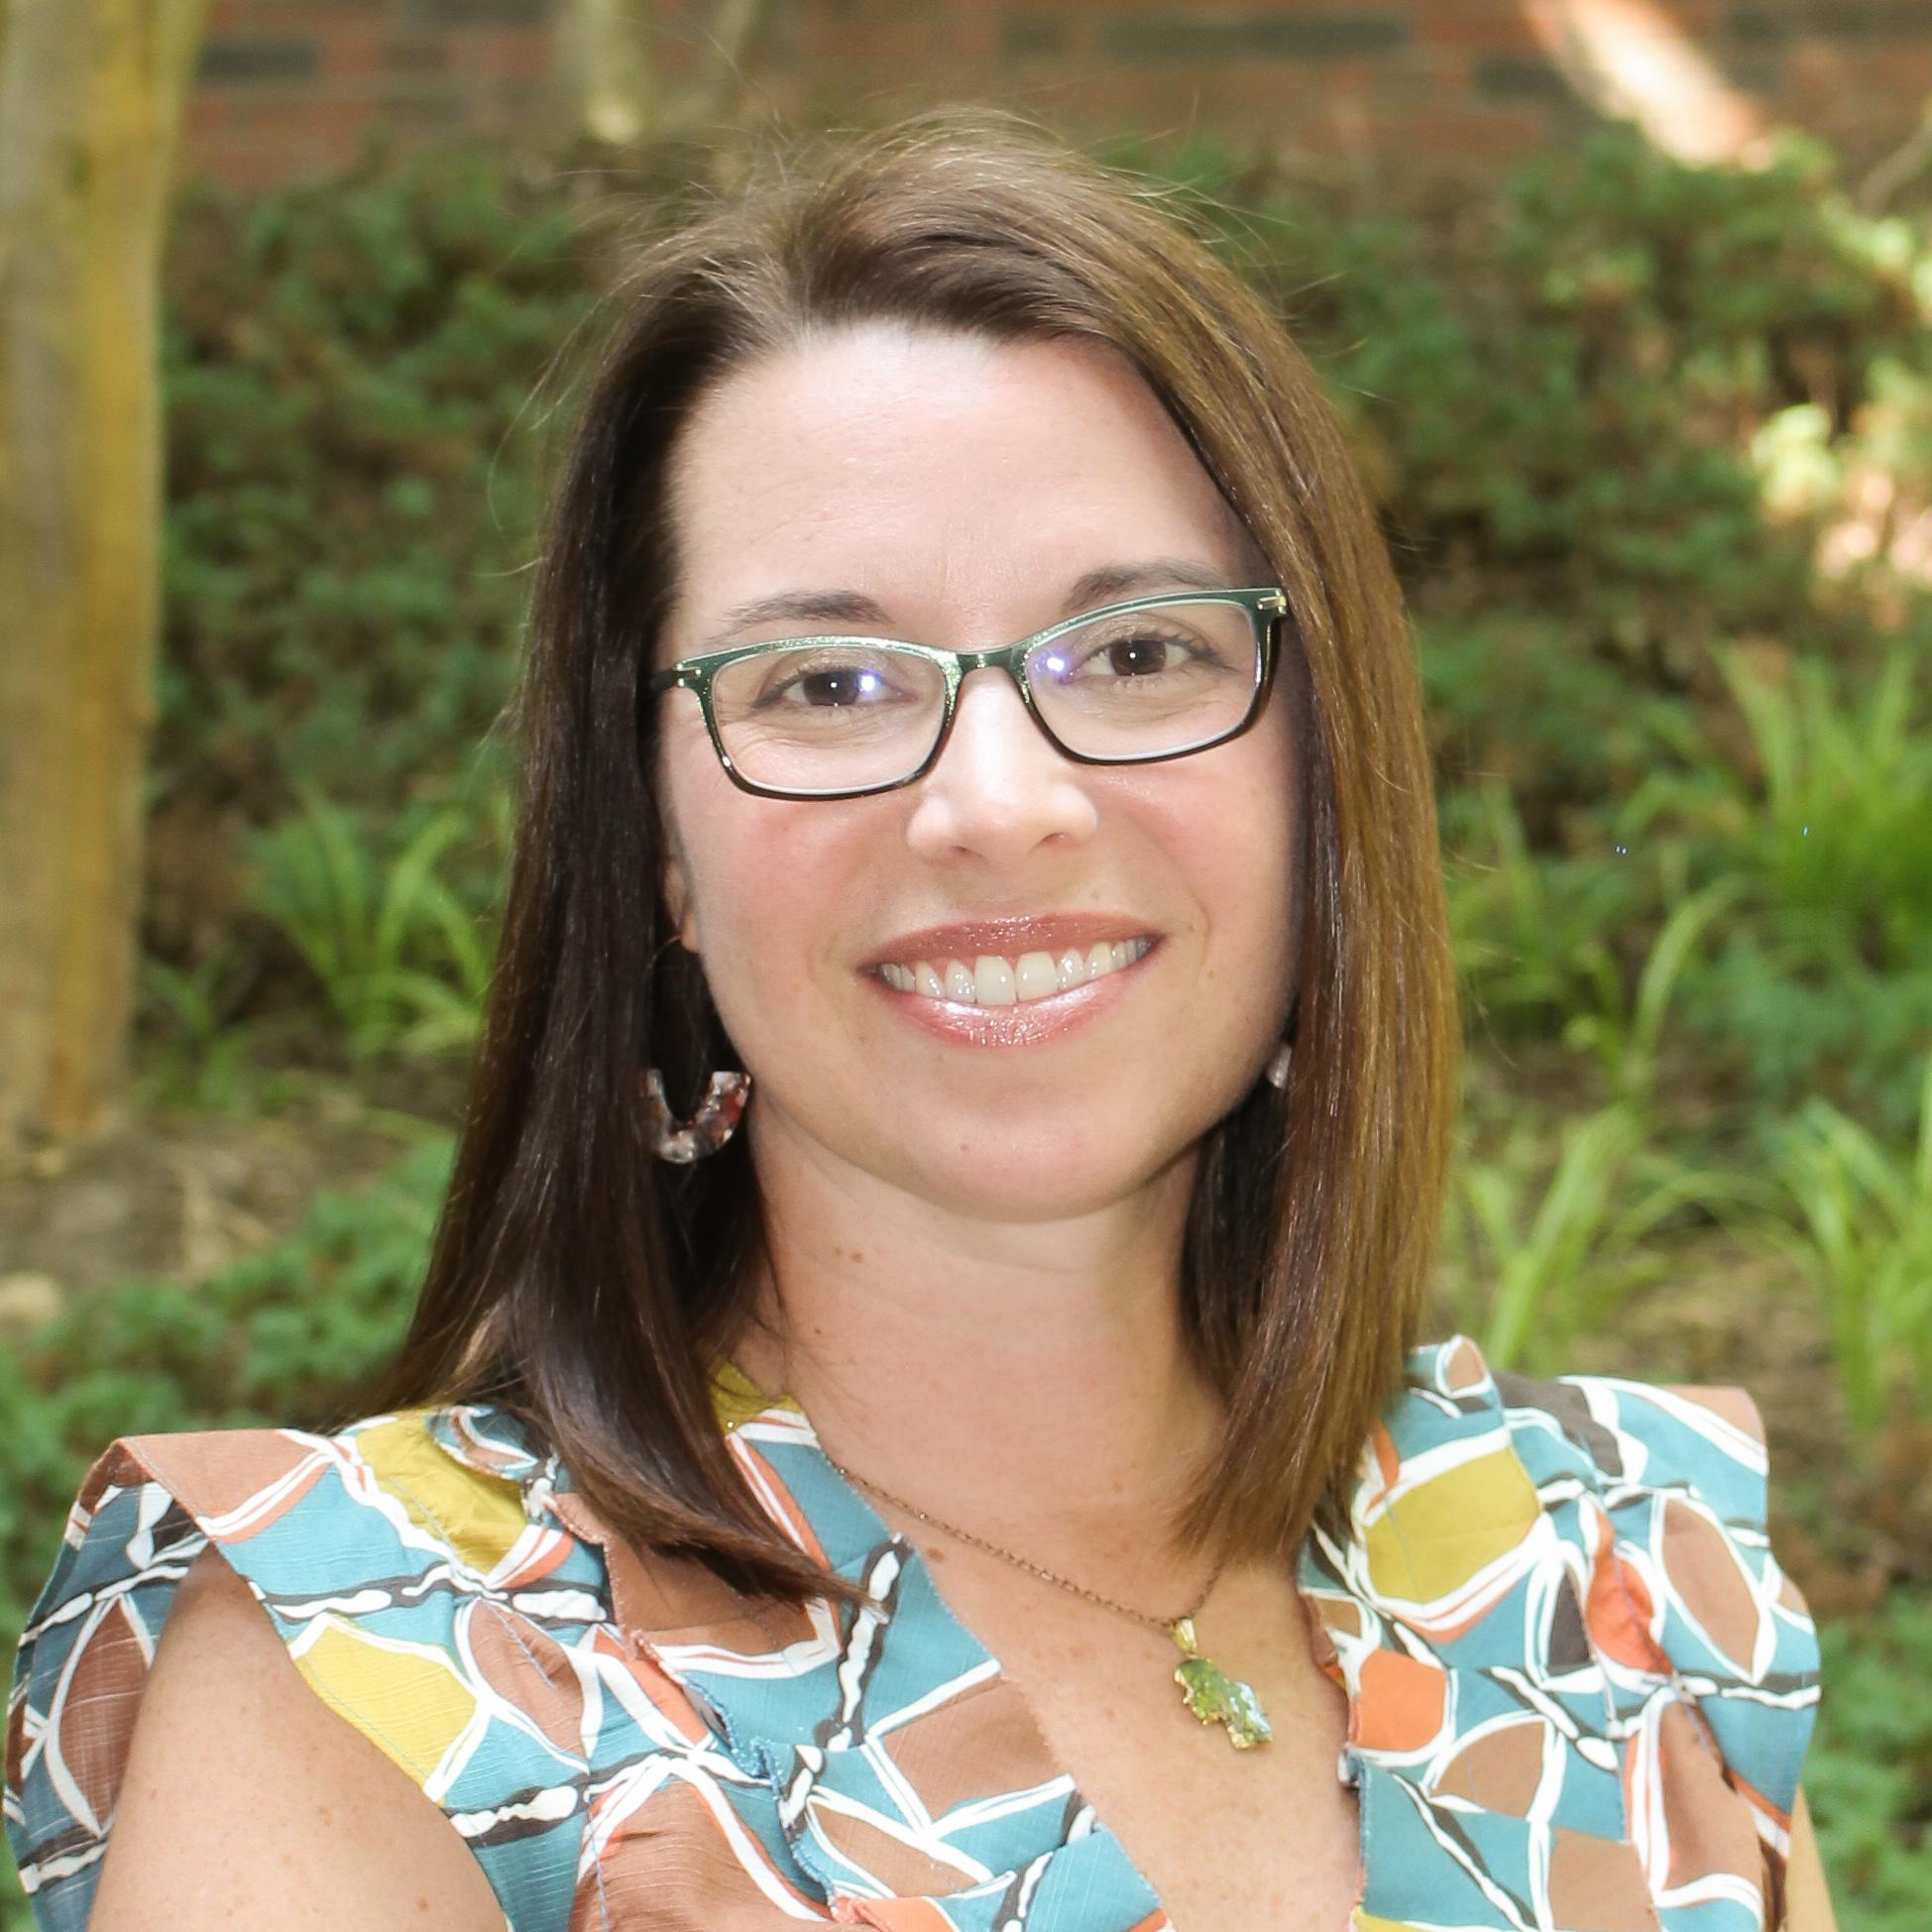 Lindsay Batchelor